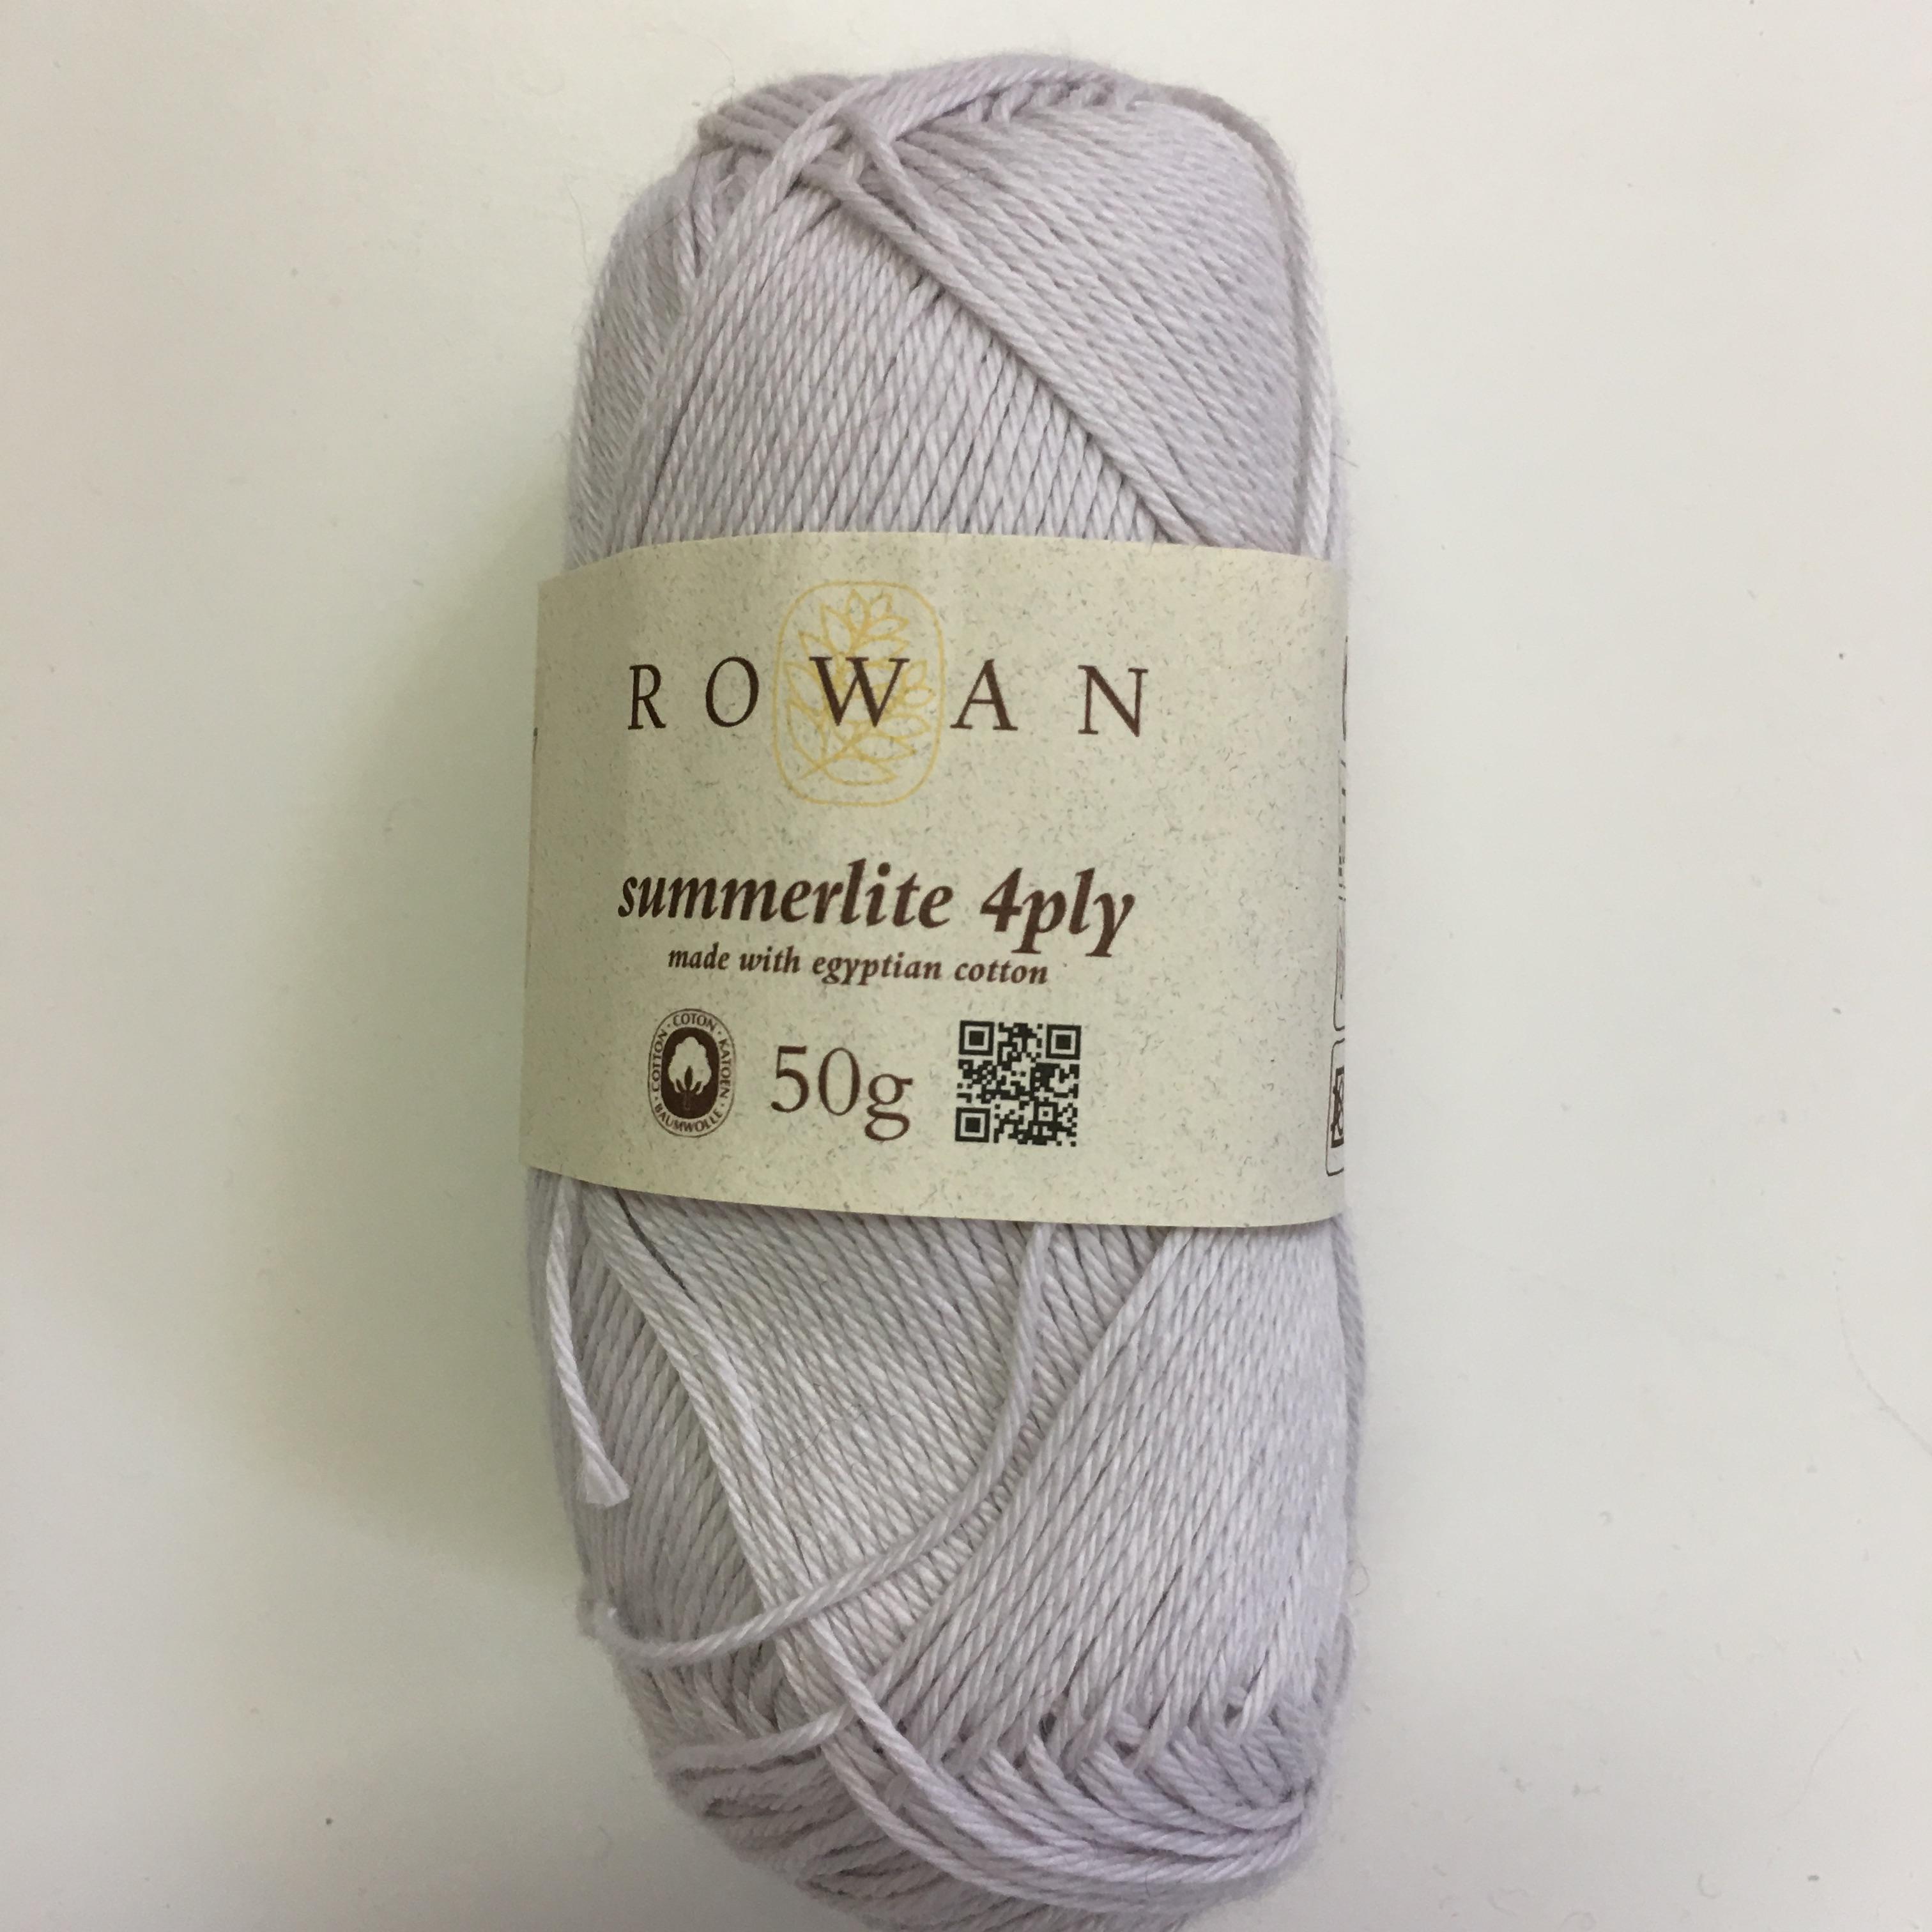 Rowan|Summerlite 4ply